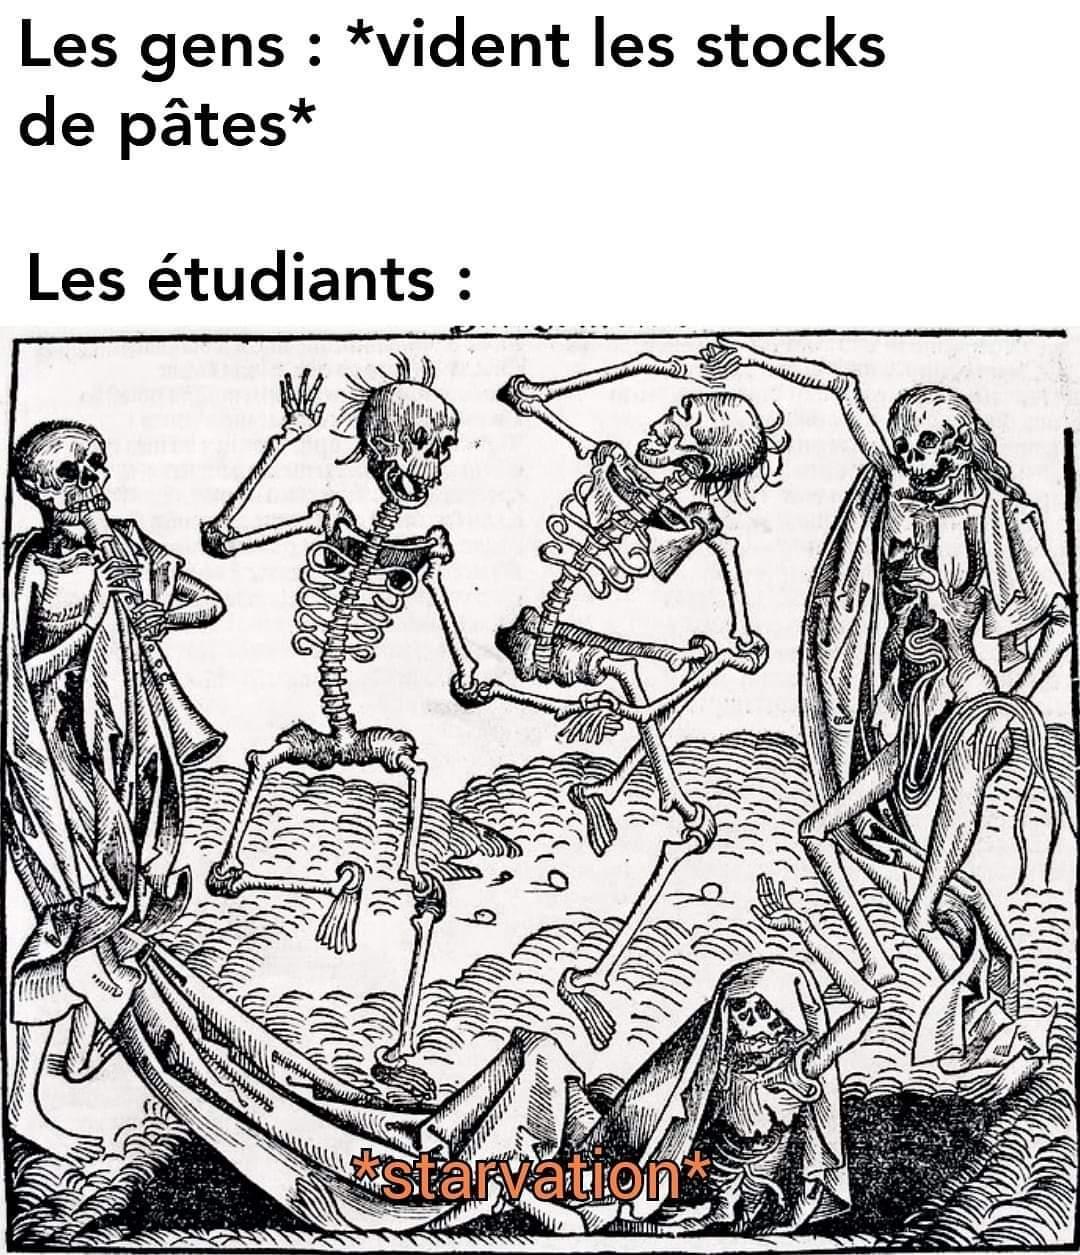 Épidémie engrange famine - meme